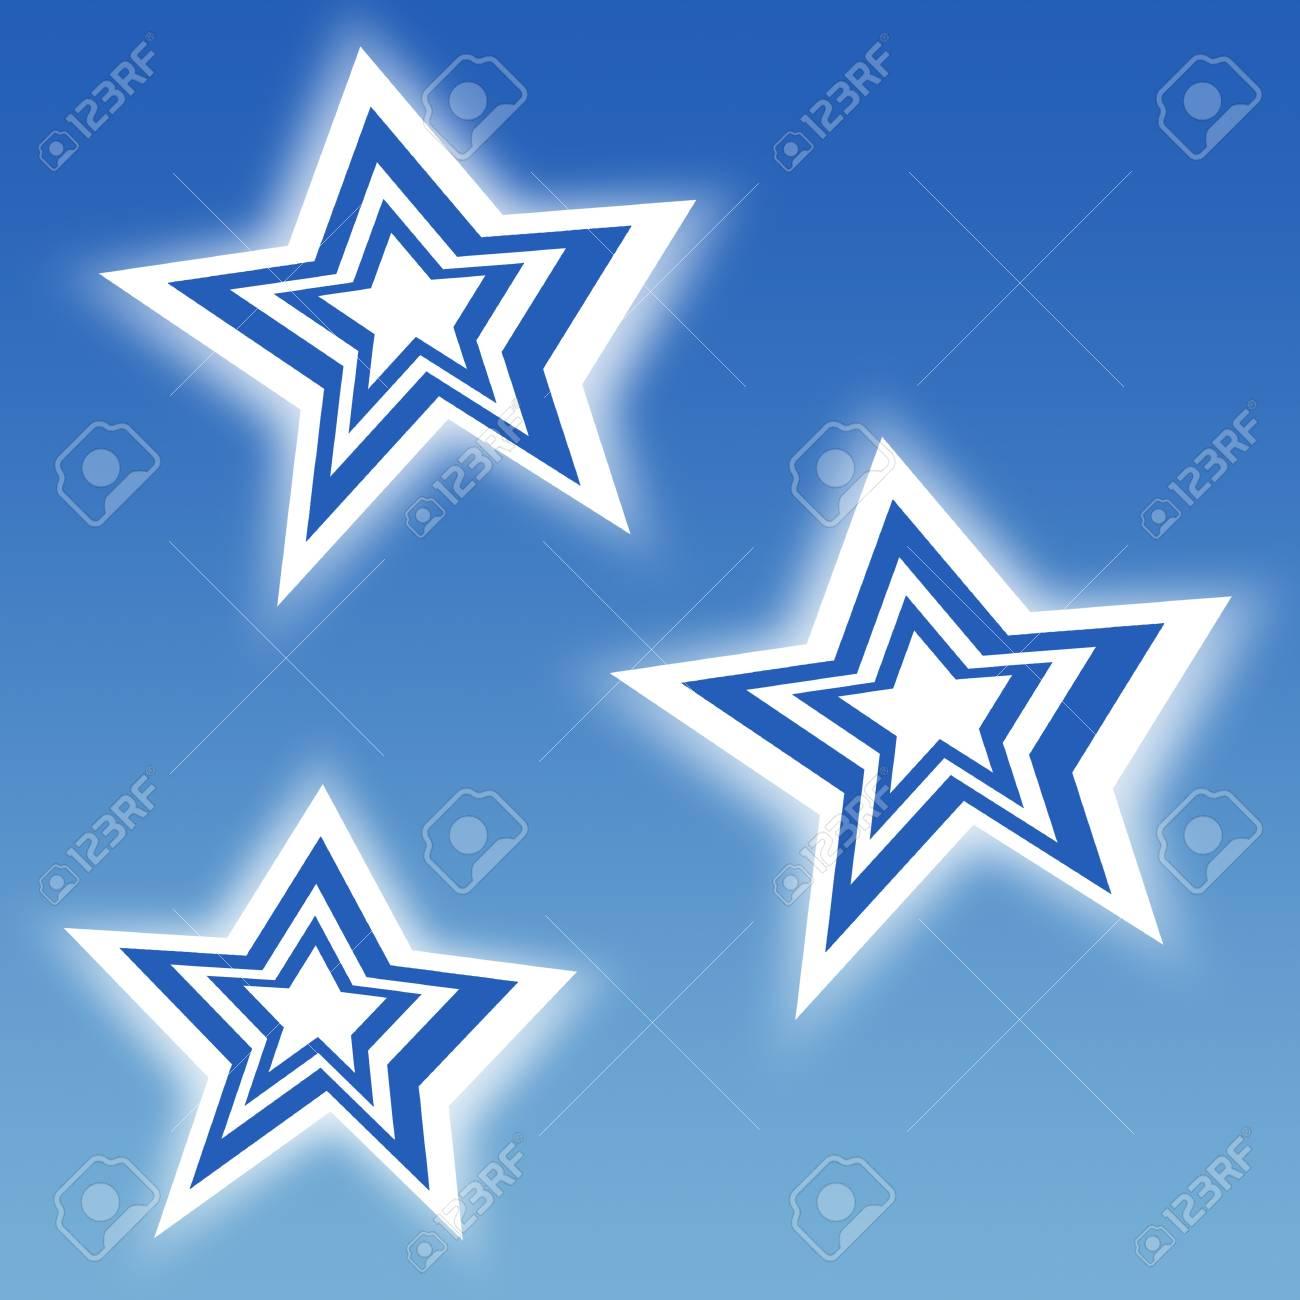 Blue stripe stars on blue sky backgound Stock Photo - 16108113